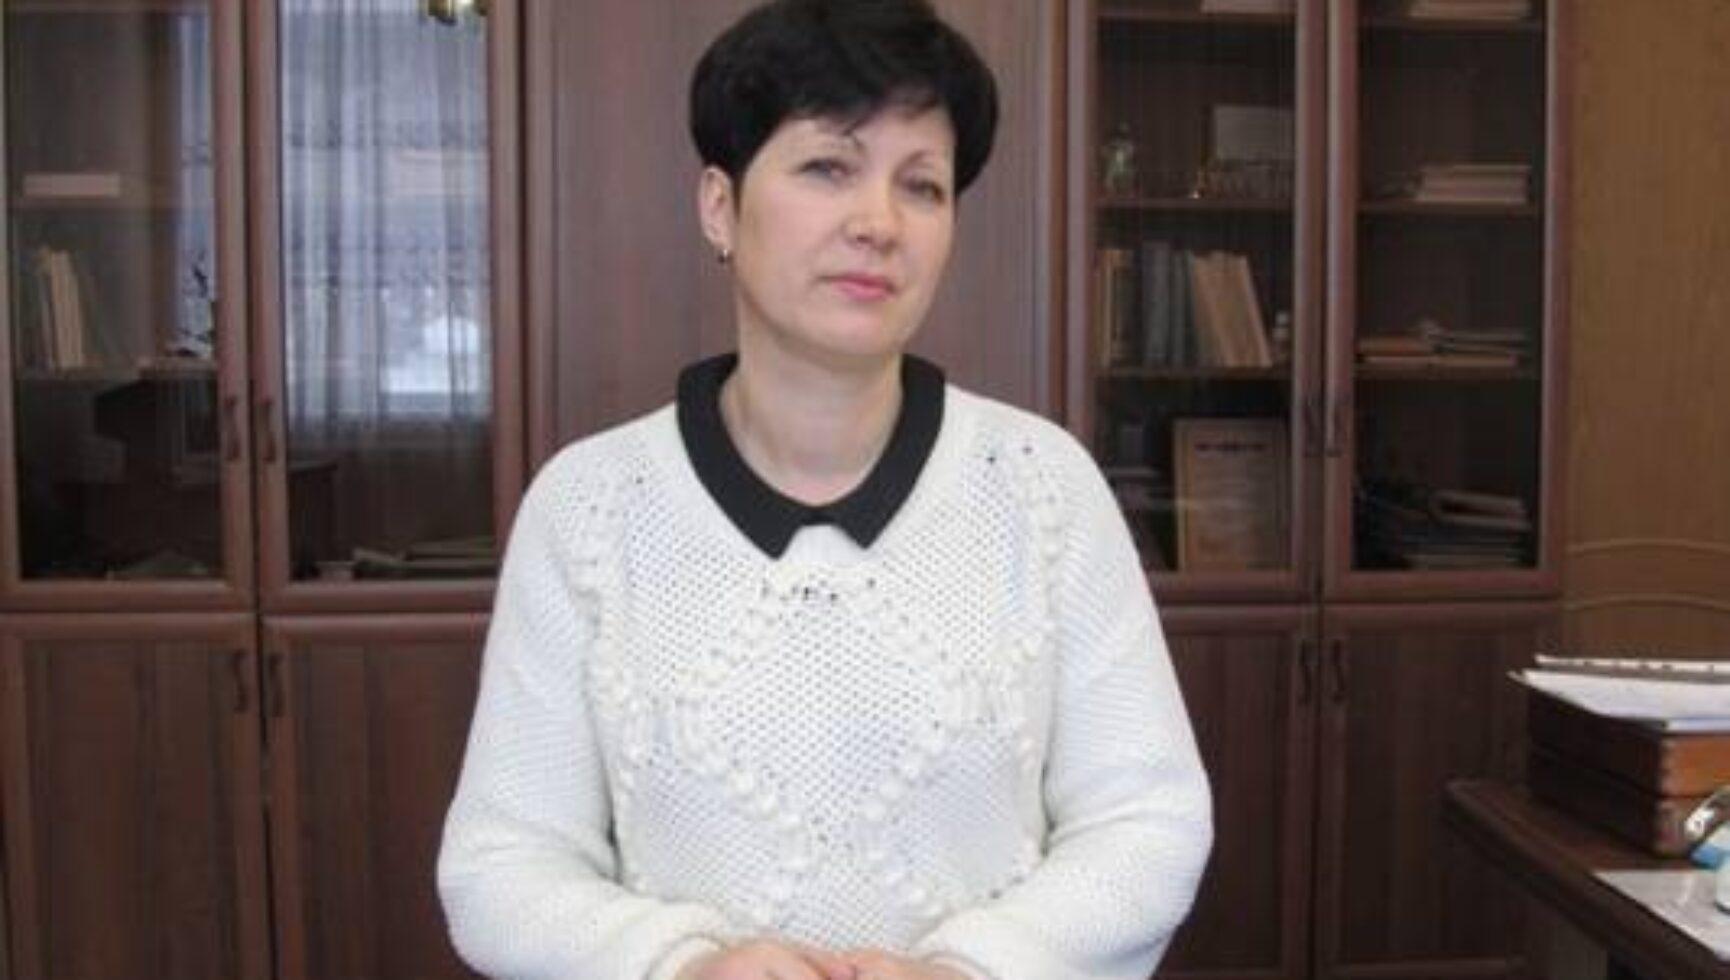 Поздравляем Евдокимову Маргариту Евгеньевну, главу муниципального образования рабочий поселок Новогуровский, с юбилеем!